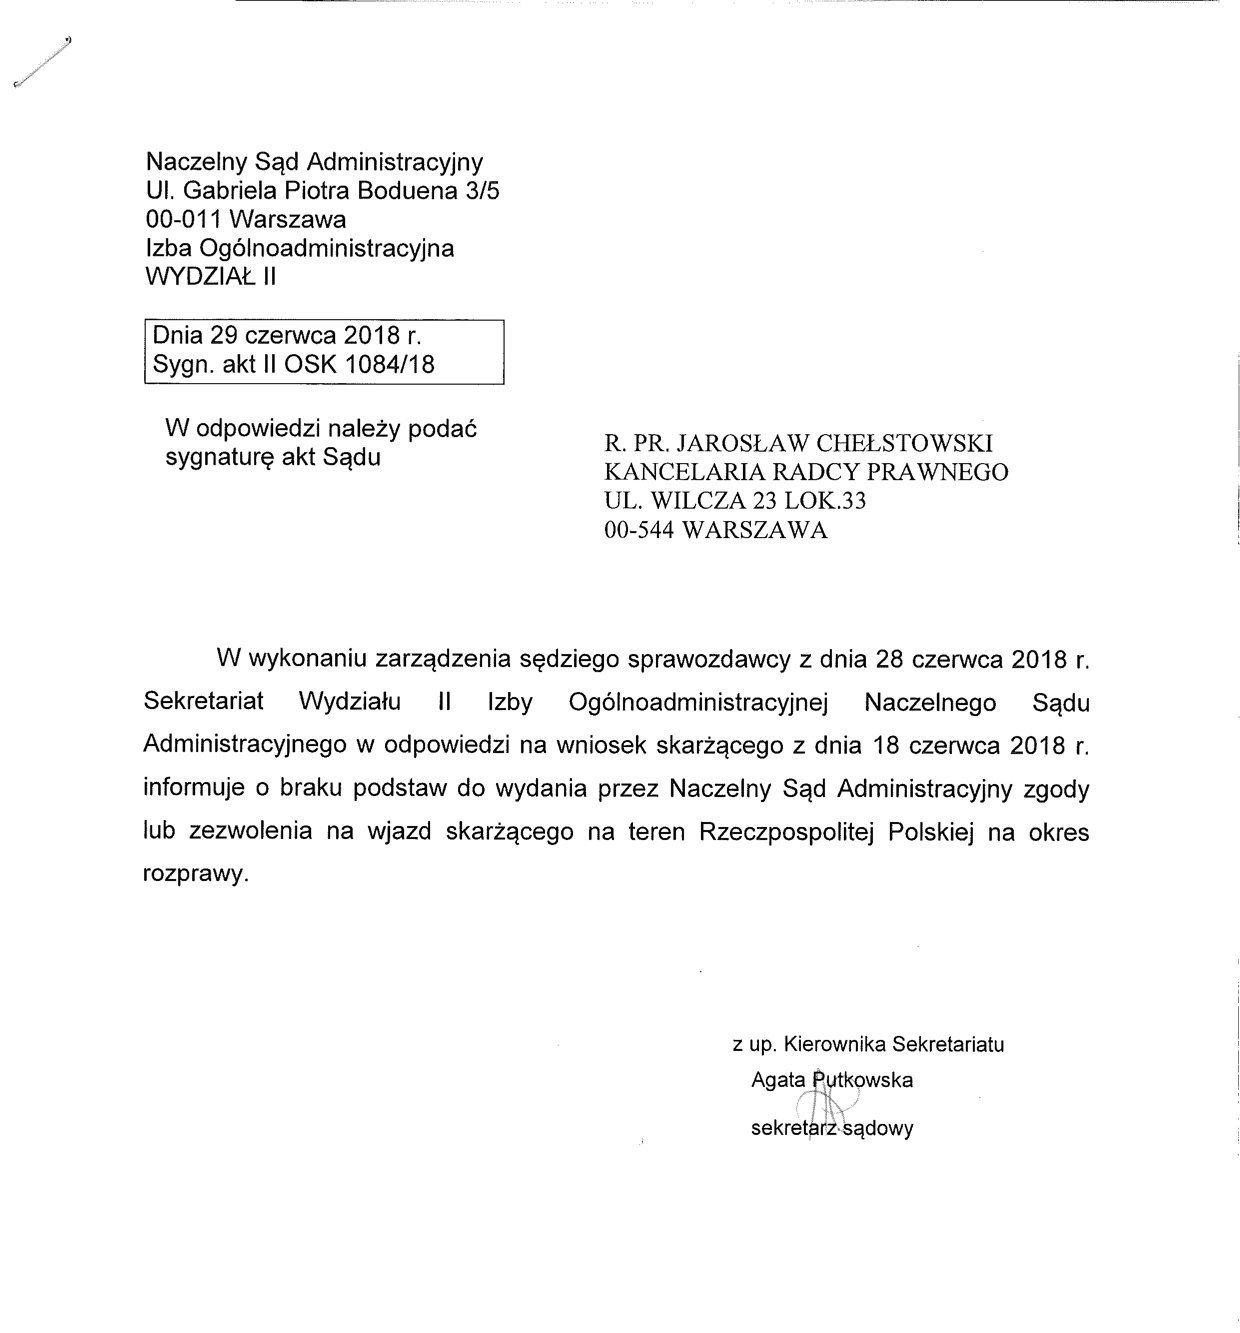 Naczelny Sąd Administracyjny - Sygn. akt II OSK 1084/18. NSA informuje o braku podstaw do wydania przez NSA zgody lub zezwolenia na wjazd skarżącego (Leonida Swiridowa) na teren RP na okres rozprawy.